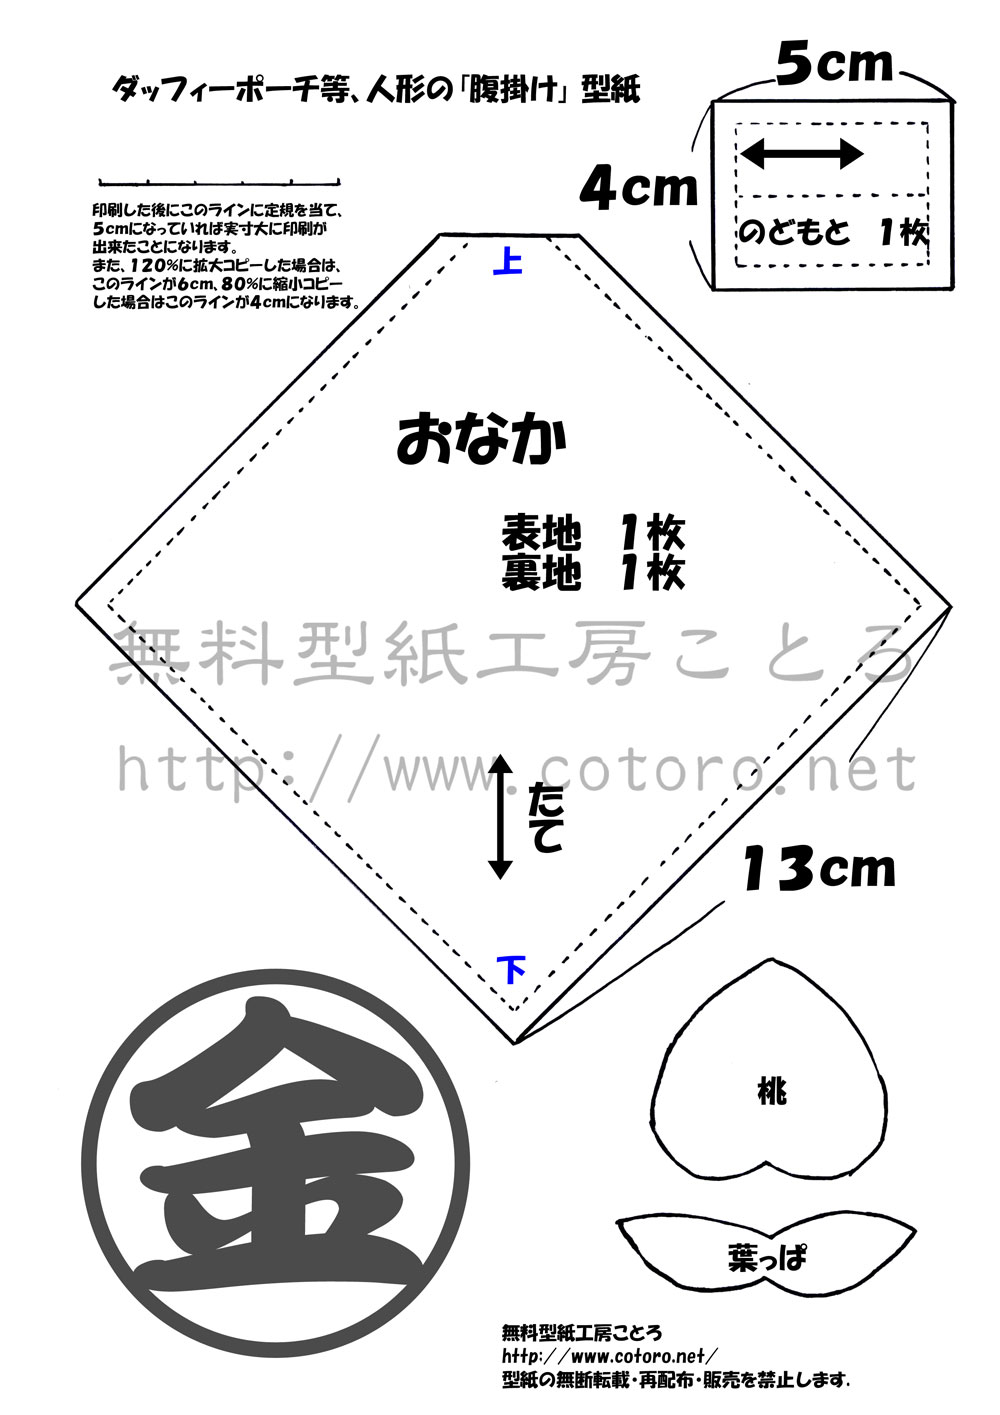 作り方☆「腹掛け(金太郎の服)」ダッフィーポーチ等の縫いぐるみに